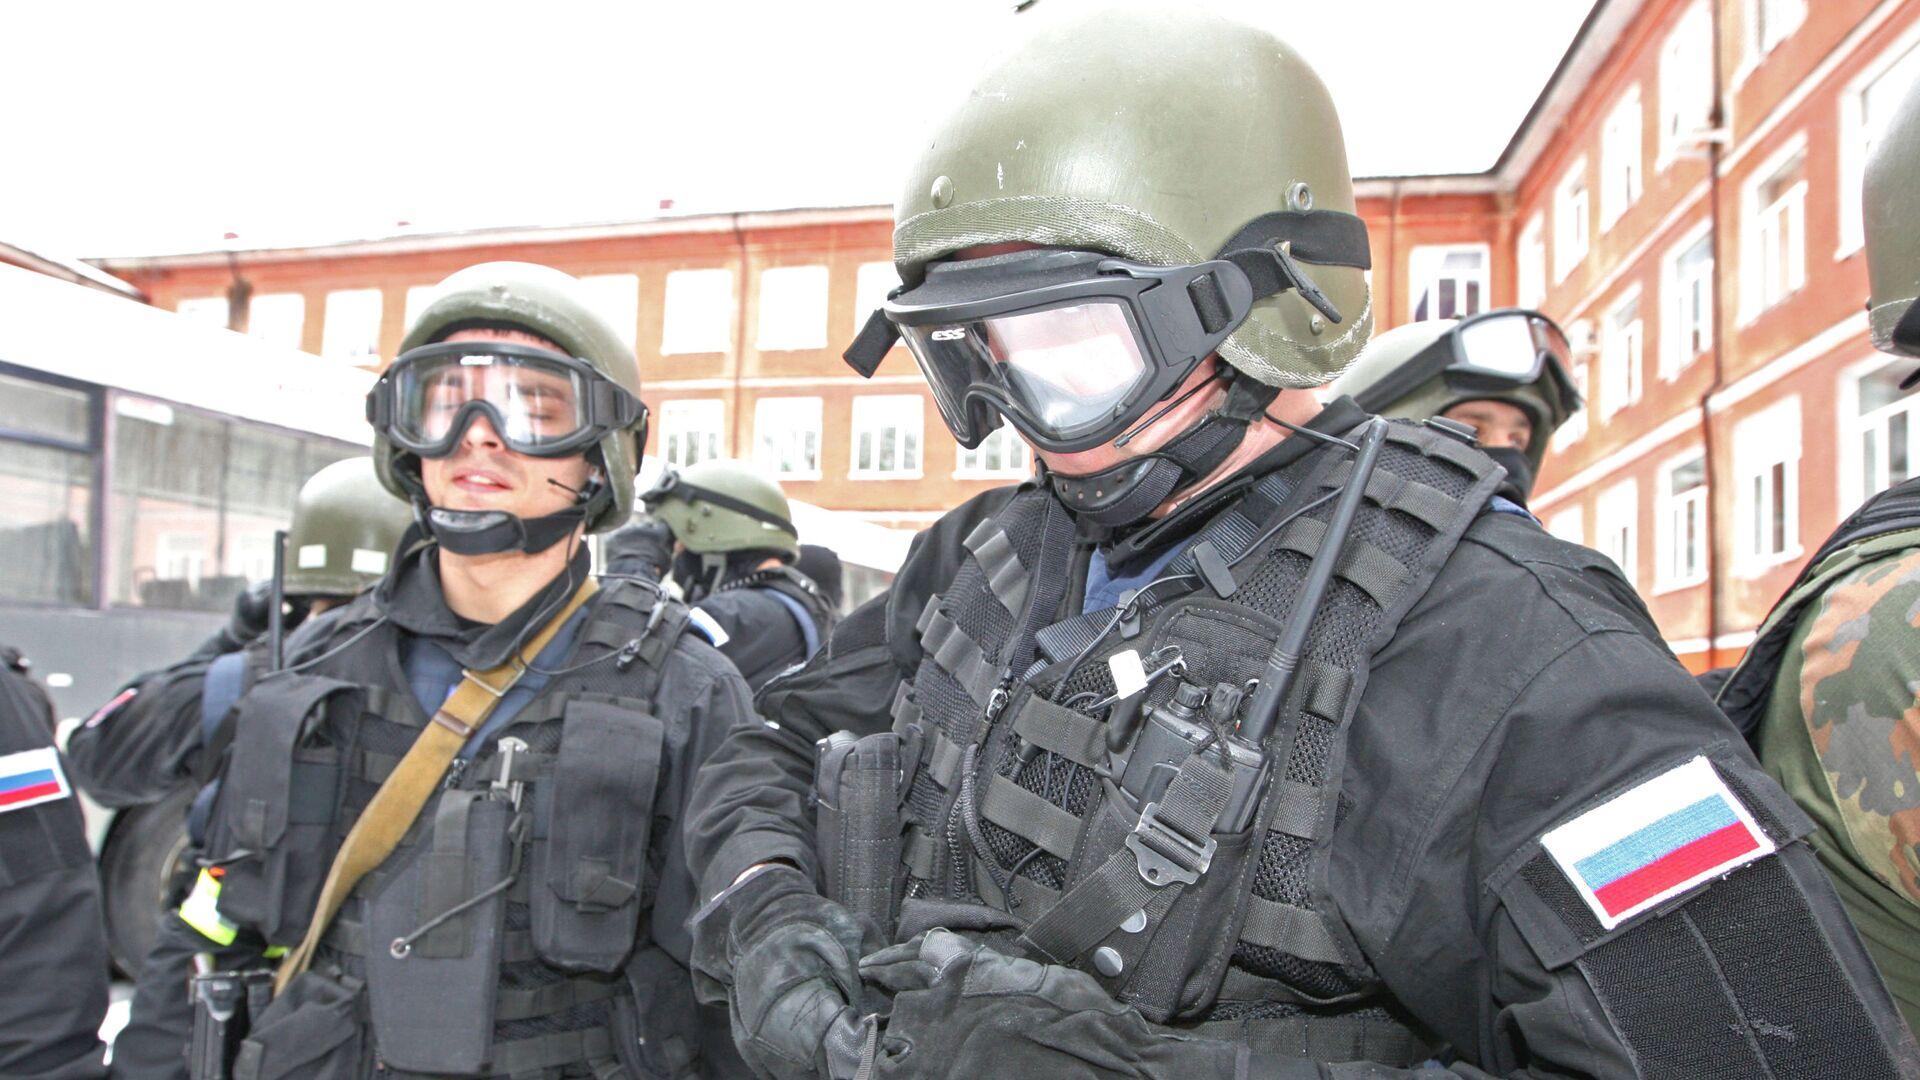 Los agentes de seguridad rusos (imagen referencial) - Sputnik Mundo, 1920, 23.04.2021